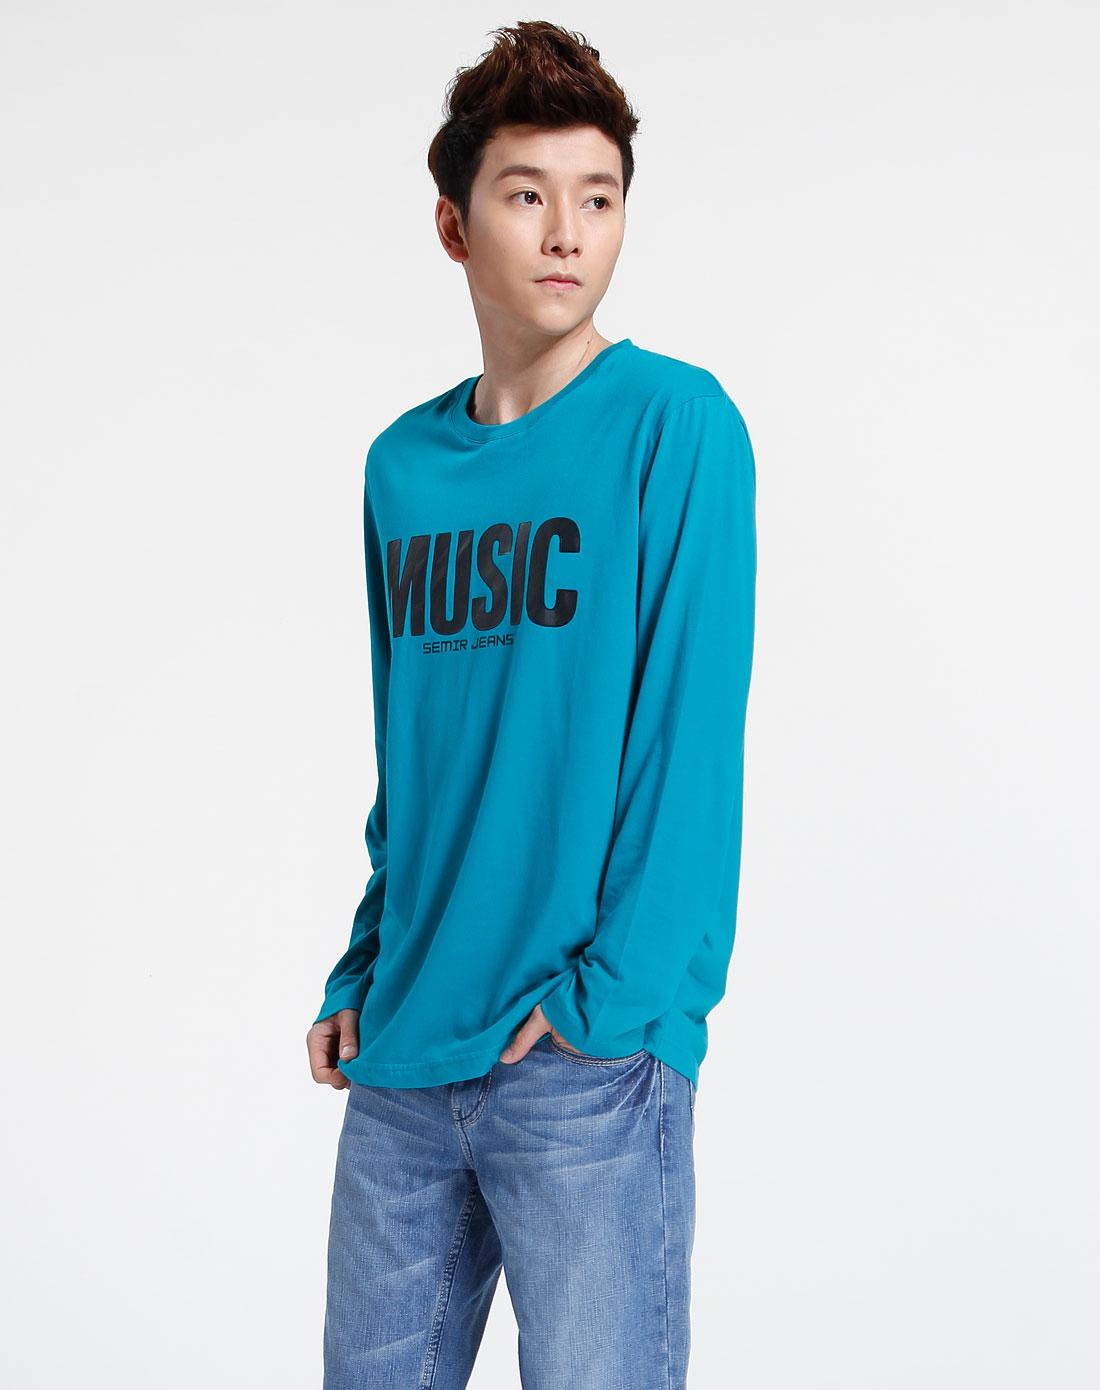 森马-男装湖水蓝时尚印字母长袖t恤003141012-442图片